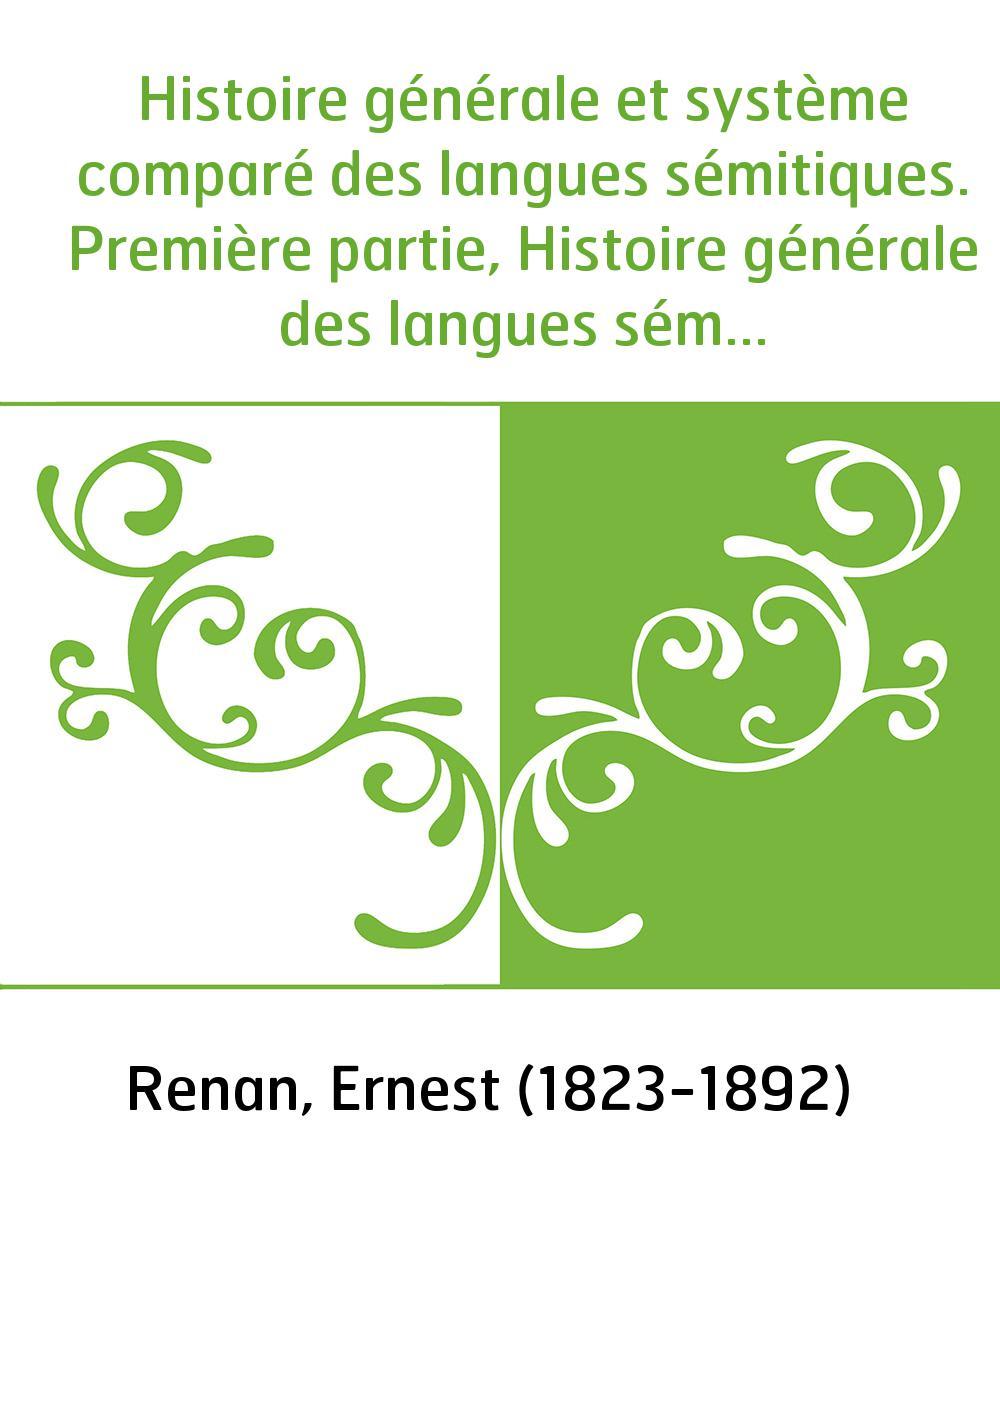 Histoire générale et système comparé des langues sémitiques. Première partie, Histoire générale des langues sémitiques / par Ern